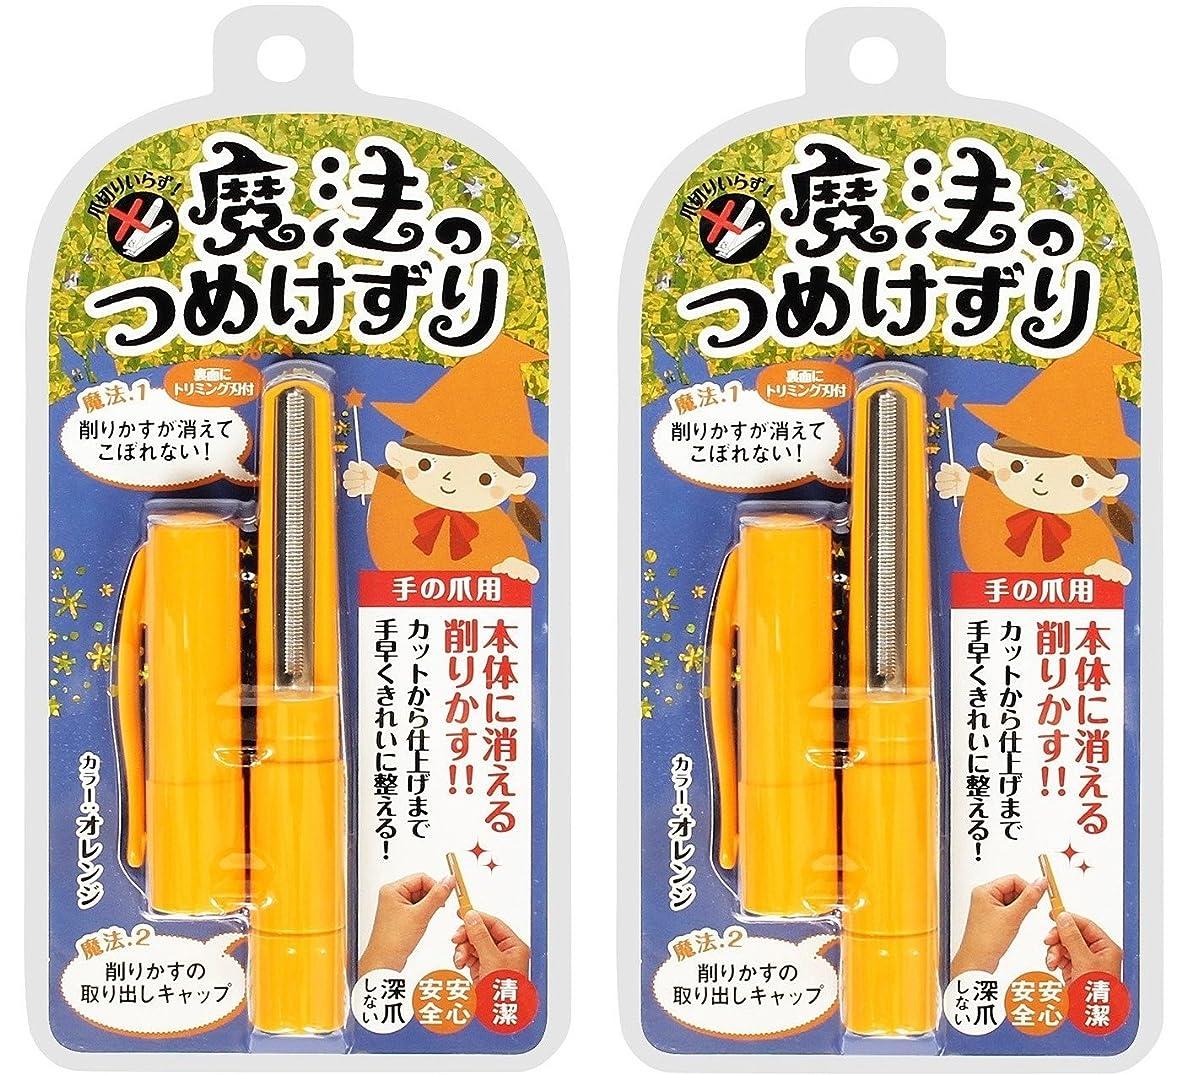 小麦粉平等スリップ魔法のつめけずり オレンジ (2個)